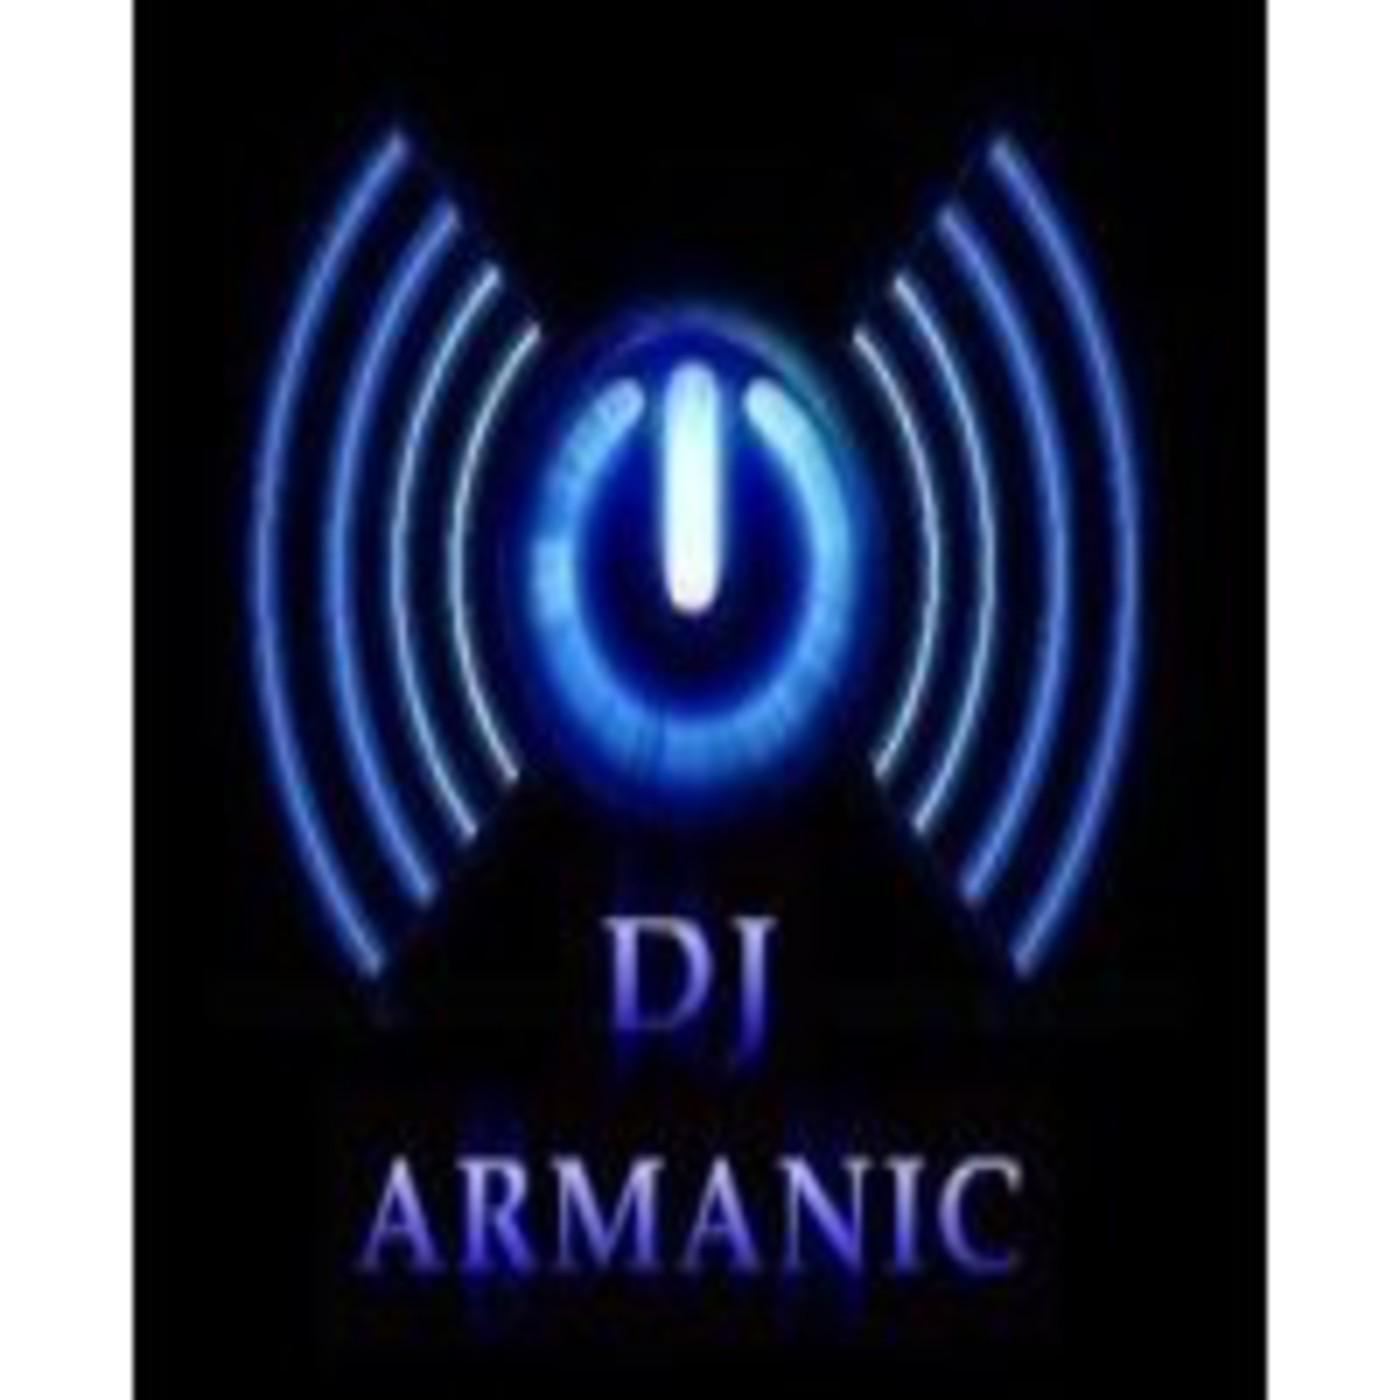 <![CDATA[DJ ARMANIC ]]>